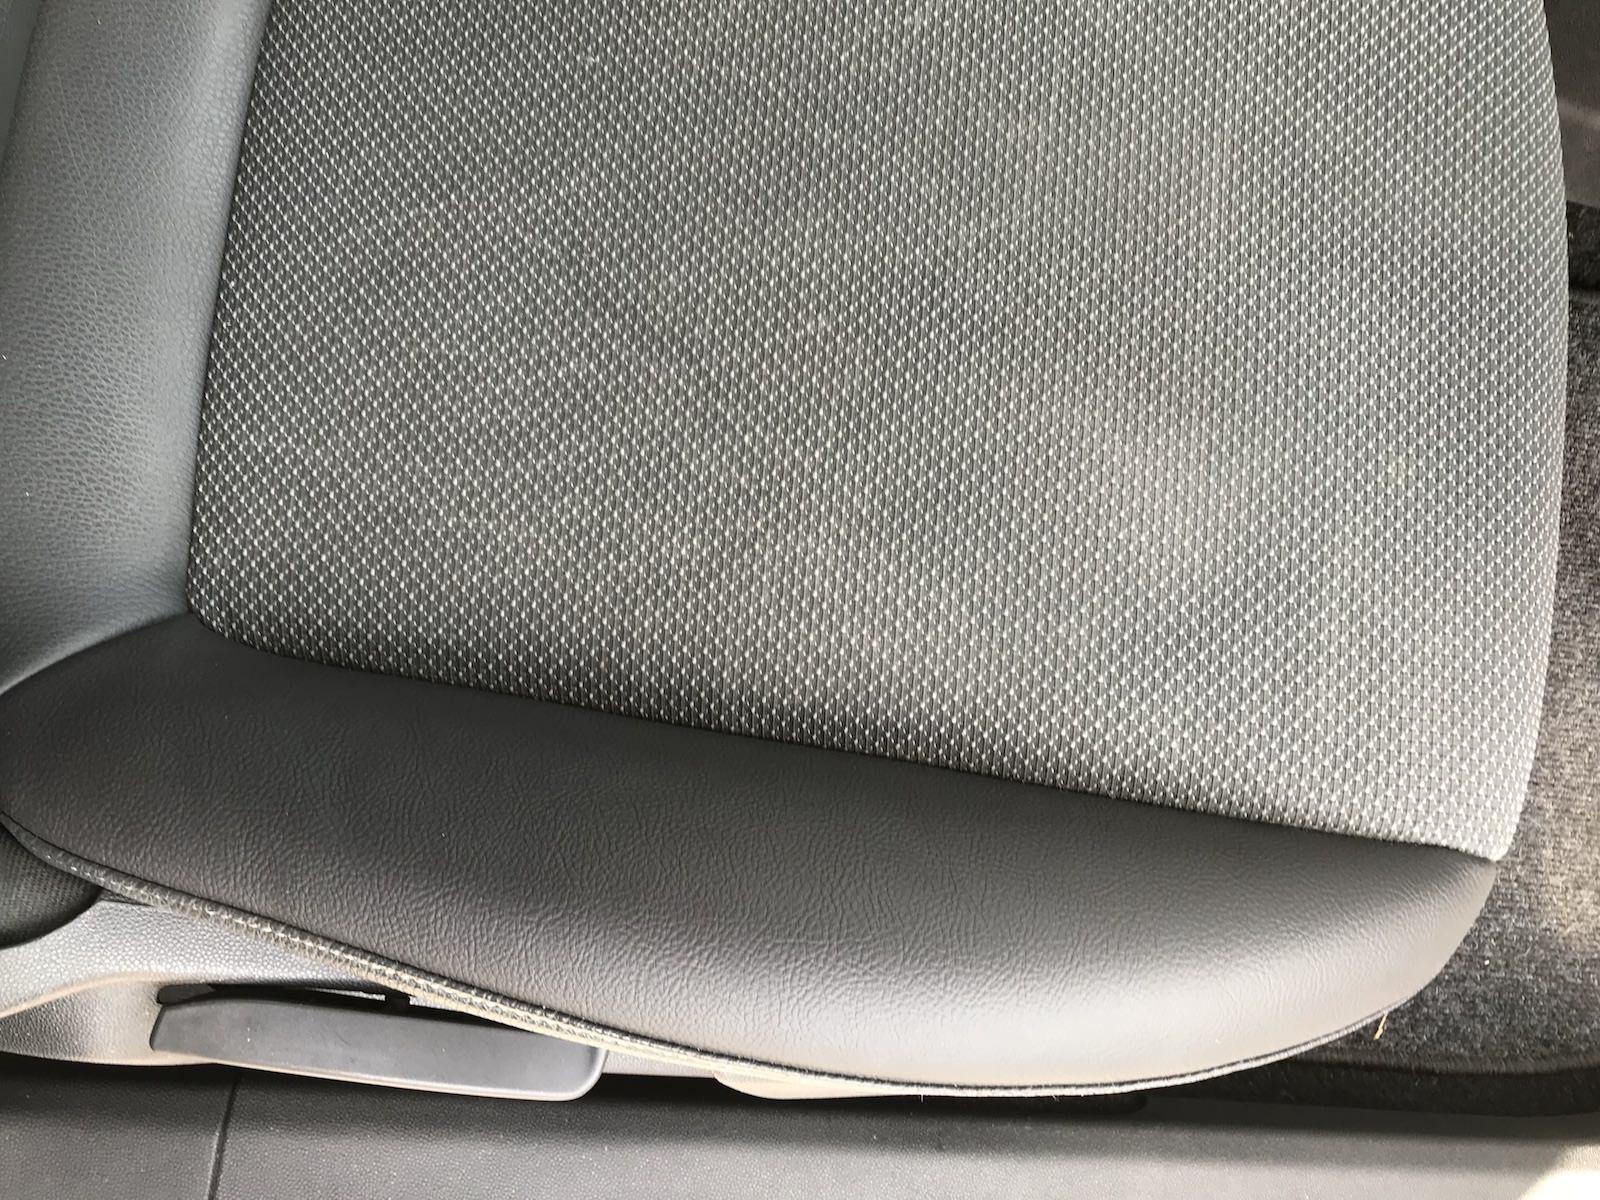 Car Seat & Interior Repairs - CCR Auto Trim | Loughborough